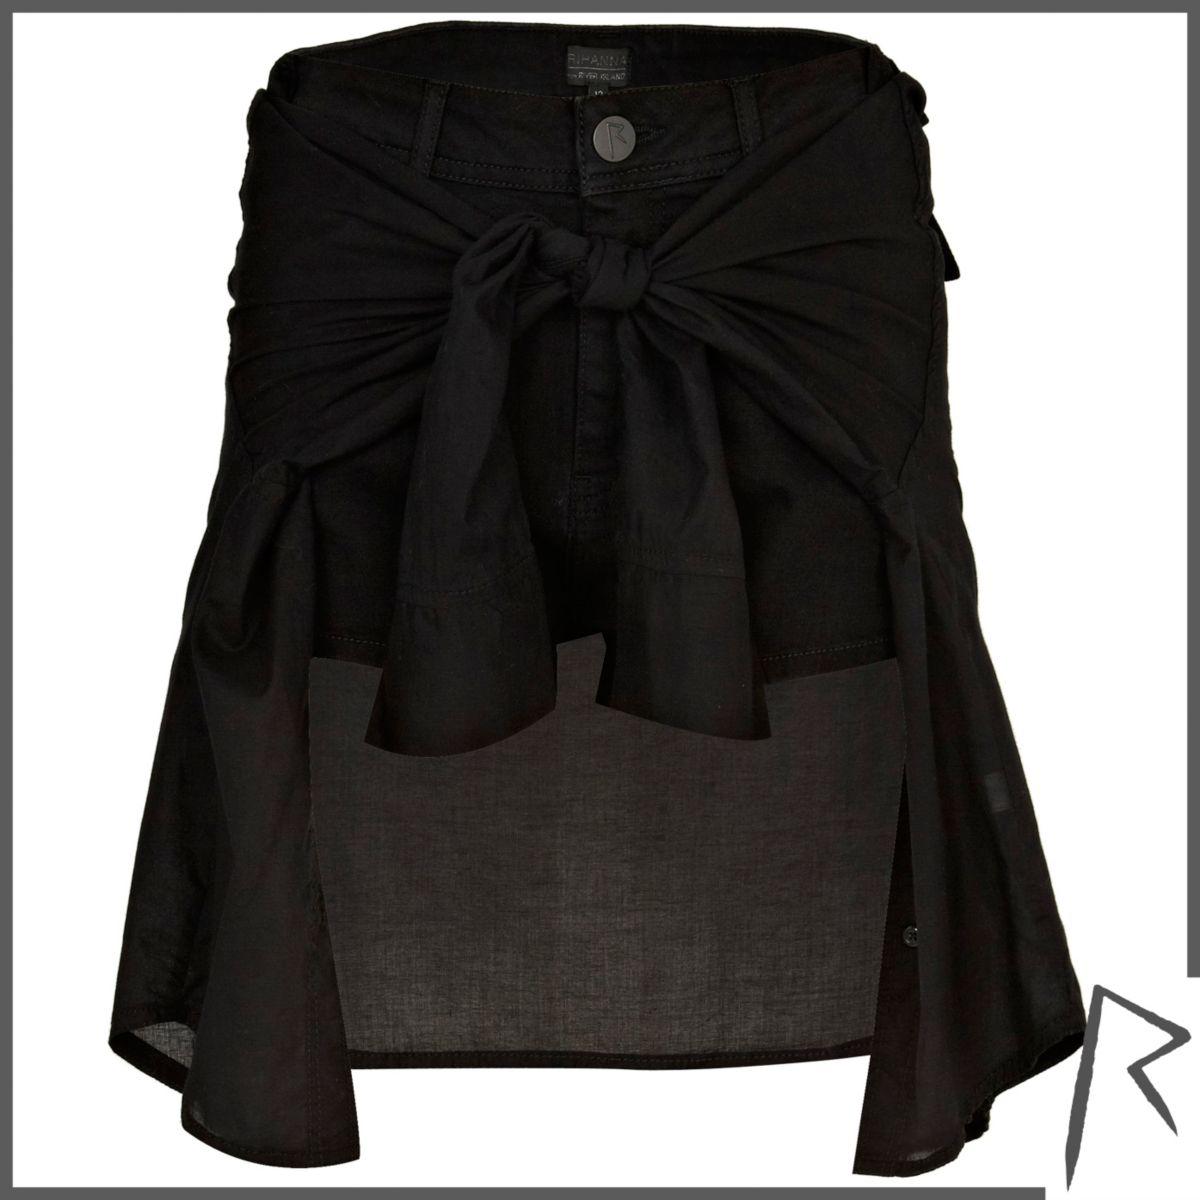 Black Rihanna tied shirt denim shorts